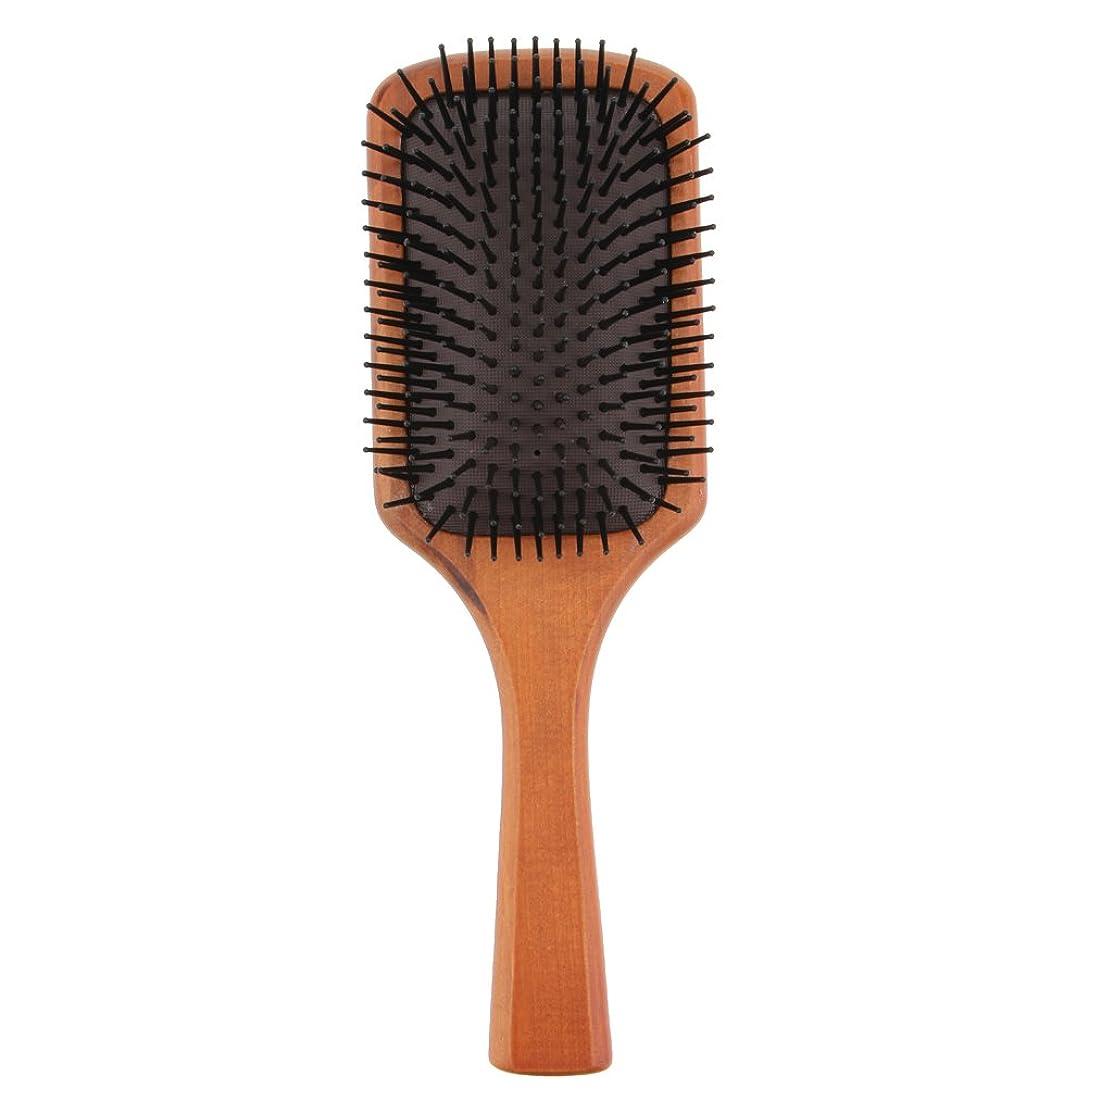 と闘う汚いメディックFenteer 木製櫛 ヘアブラシ 頭皮マッサージ エアクッション 櫛